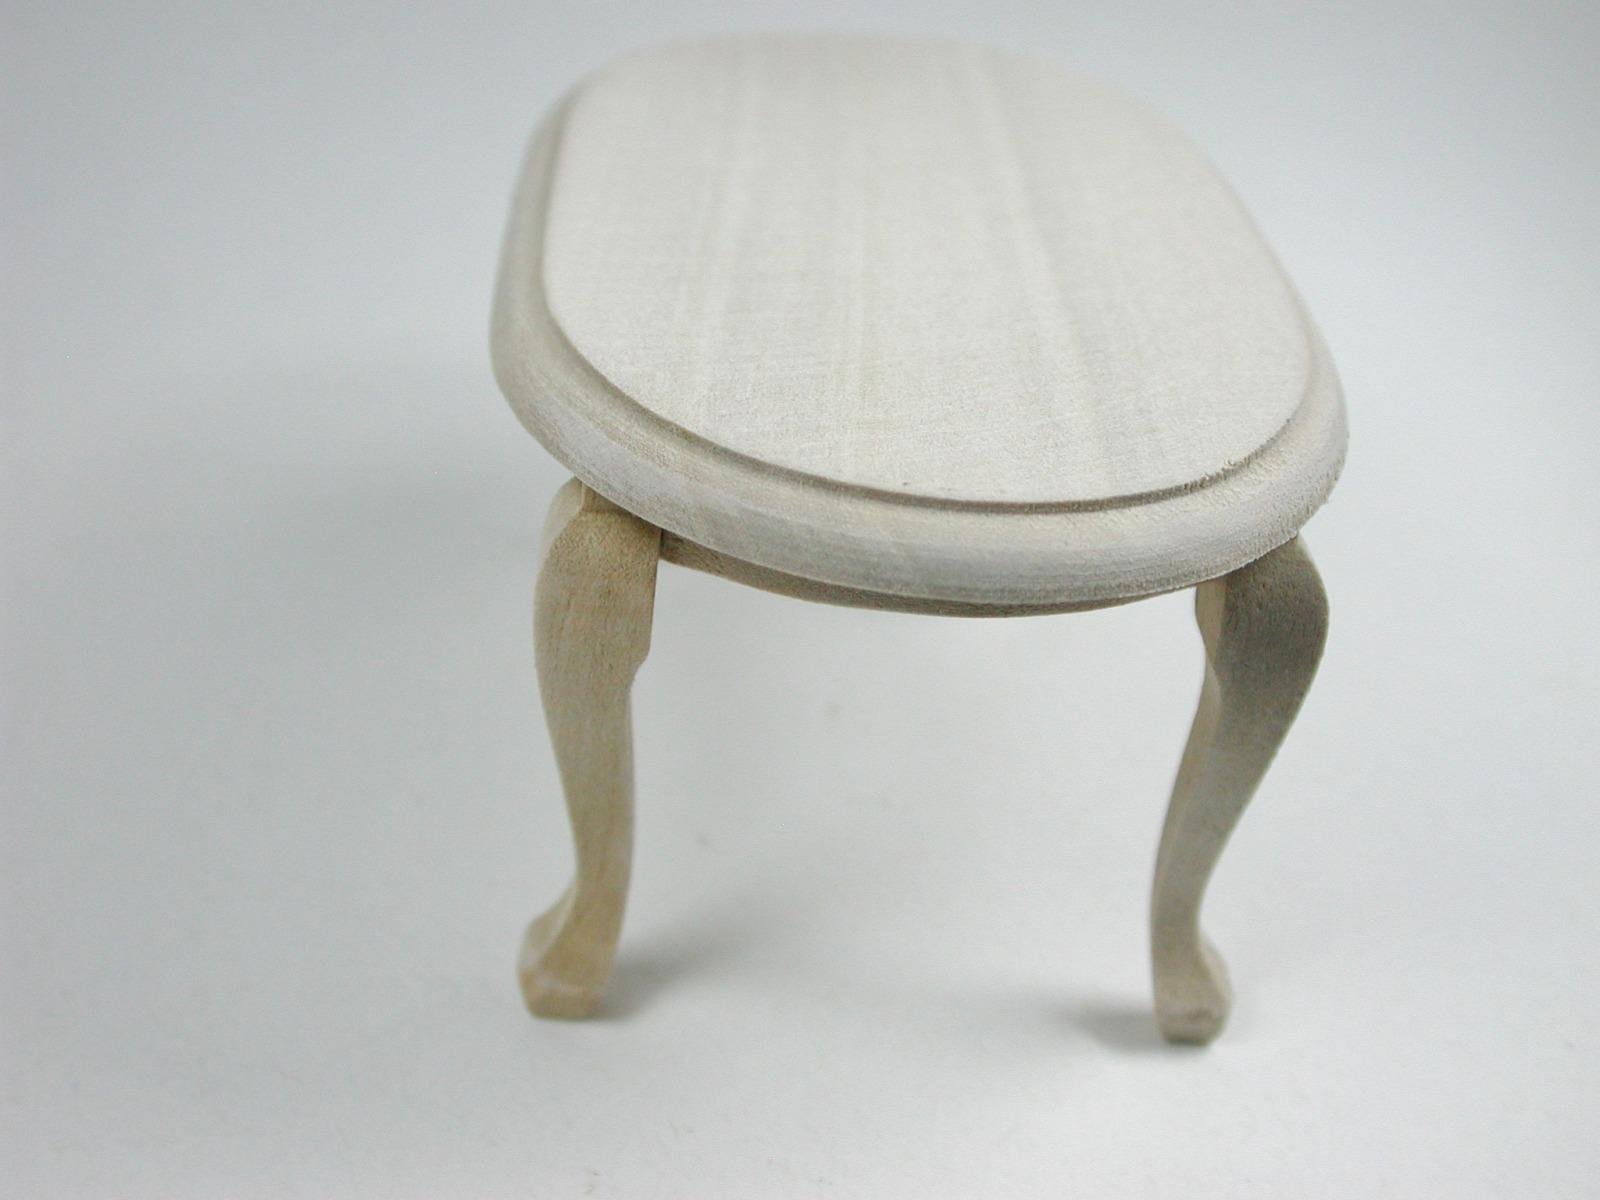 Couchtisch oval 1:12 Miniatur 3